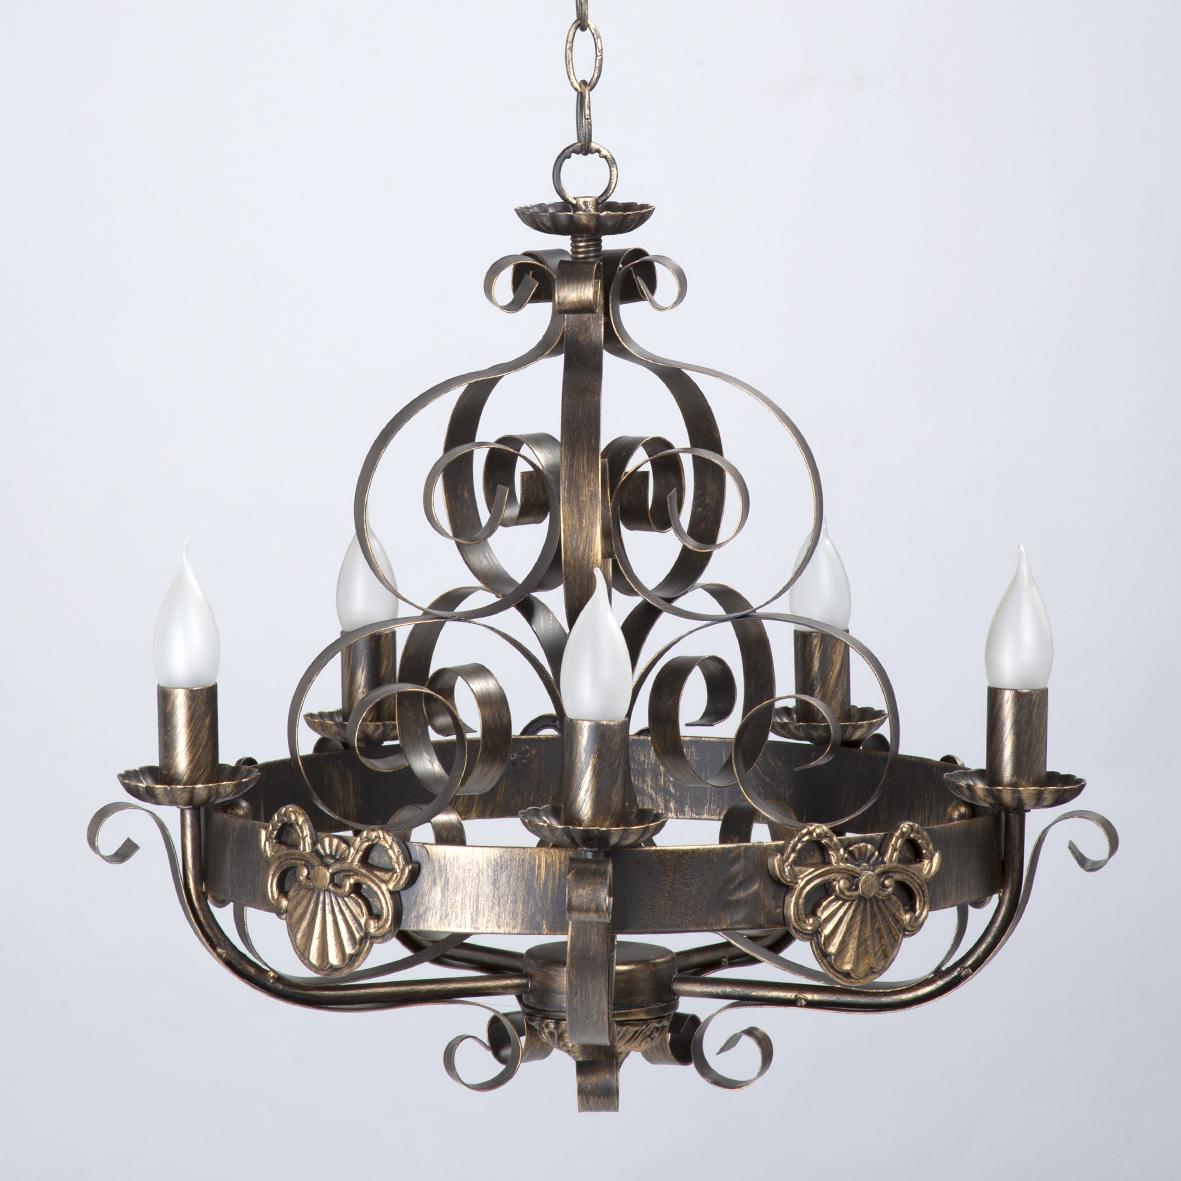 Люстра VitaluceЛюстры<br>Назначение светильника: для комнаты,<br>Стиль светильника: ковка,<br>Тип: подвесная,<br>Материал светильника: металл, стекло,<br>Материал плафона: стекло,<br>Материал арматуры: металл,<br>Диаметр: 550,<br>Высота: 680,<br>Количество ламп: 5,<br>Тип лампы: накаливания,<br>Мощность: 60,<br>Патрон: Е14,<br>Цвет арматуры: бронза<br>